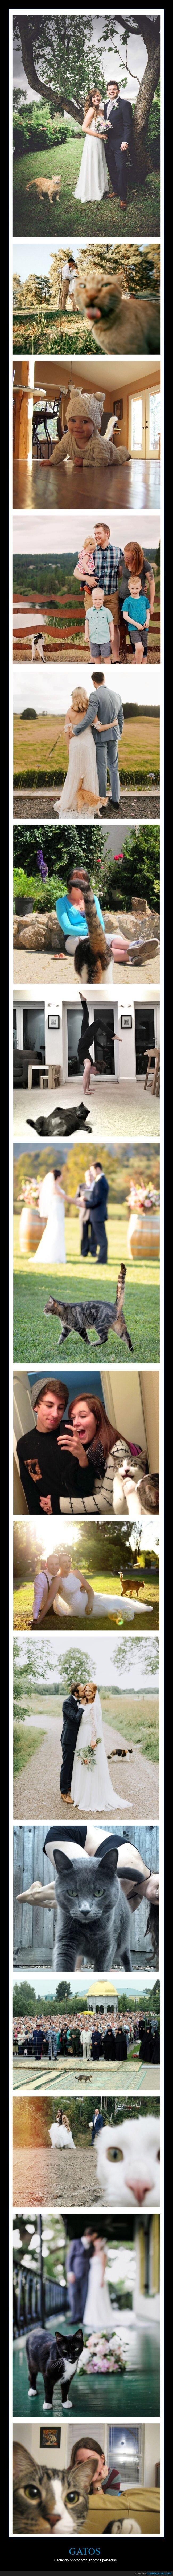 fotos,gatos,photobombs